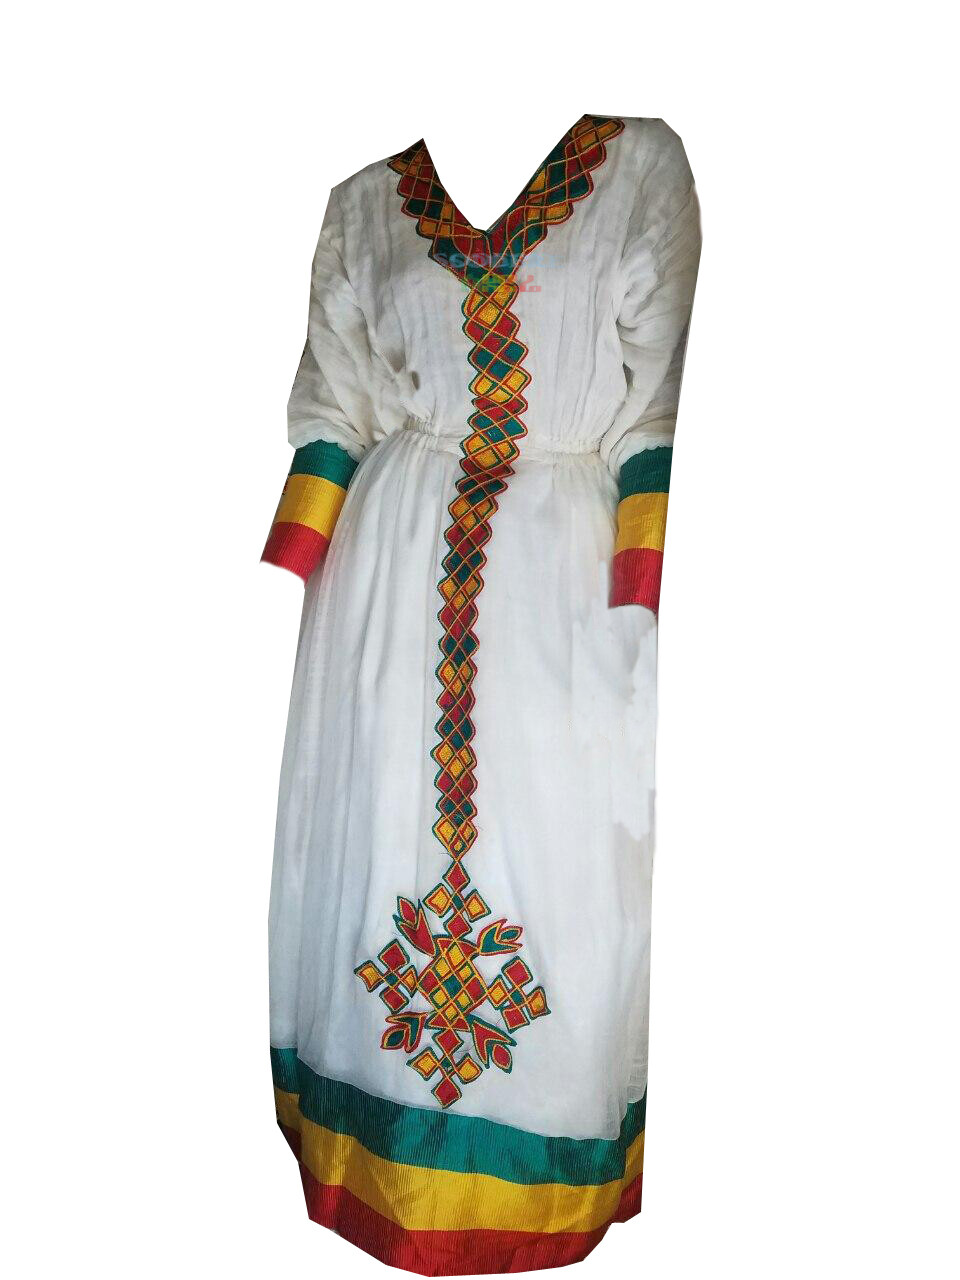 የኢትዮጵያ ባንዲራ ያለበት ረዘም ያለ የሀበሻ ቀሚስ  Ethiopian Traditional Long Dress